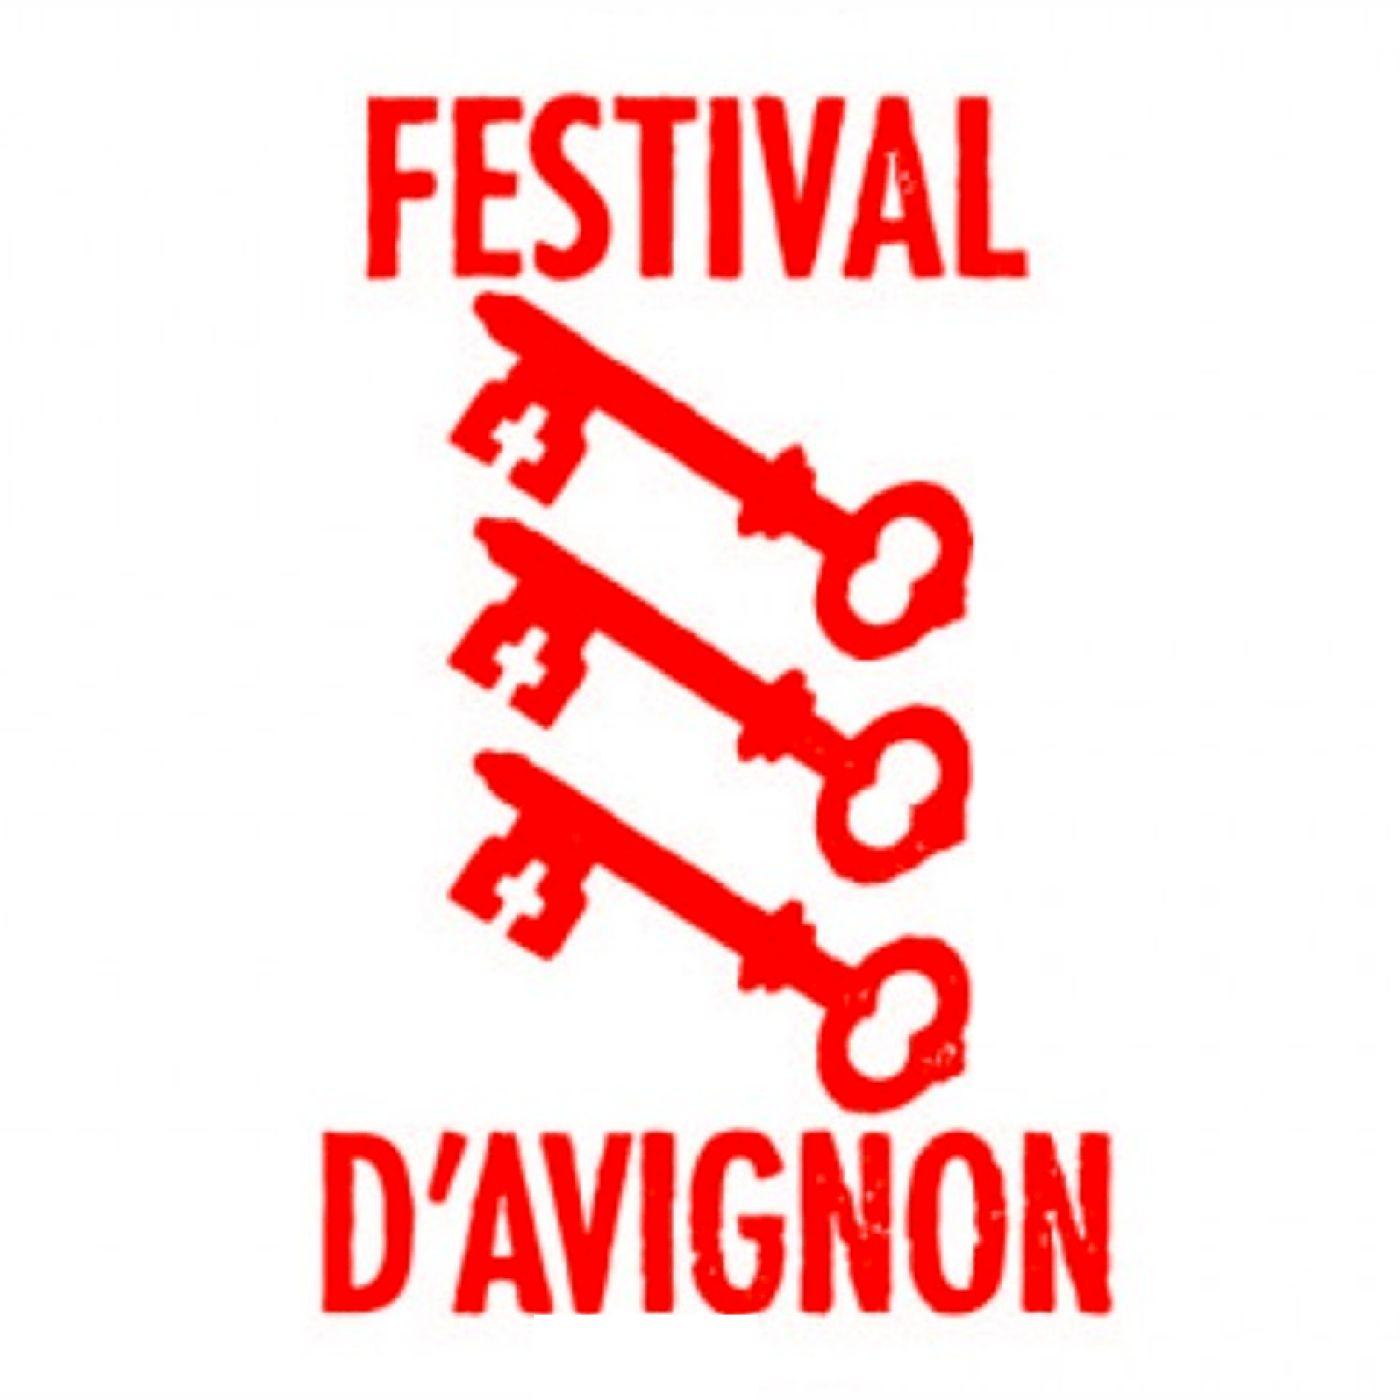 Festival d'Avignon   Inging - Désobéir - Y a pas grand chose qui me révolte pour le moment  - Jean-Pierre, Lui, Moi